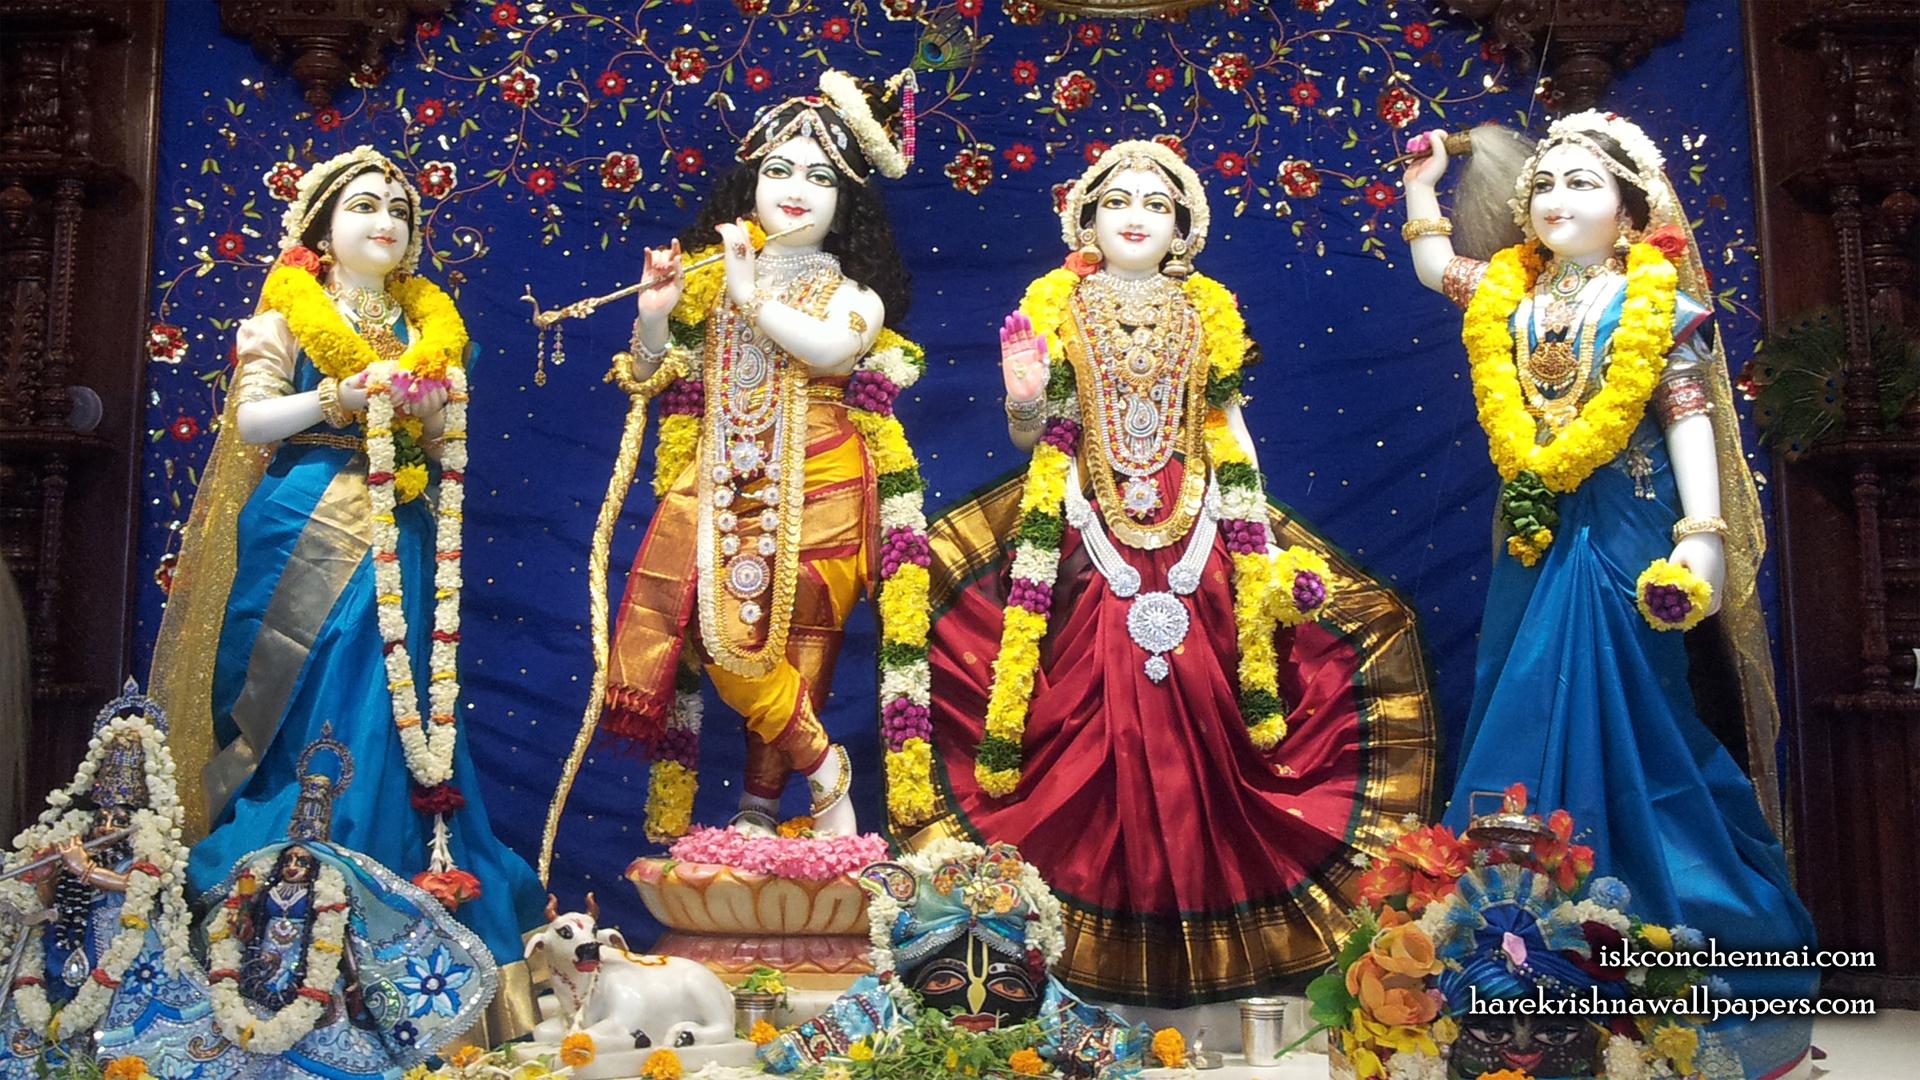 Sri Sri Radha Krishna Lalita Vishakha Wallpaper (008) Size 1920x1080 Download